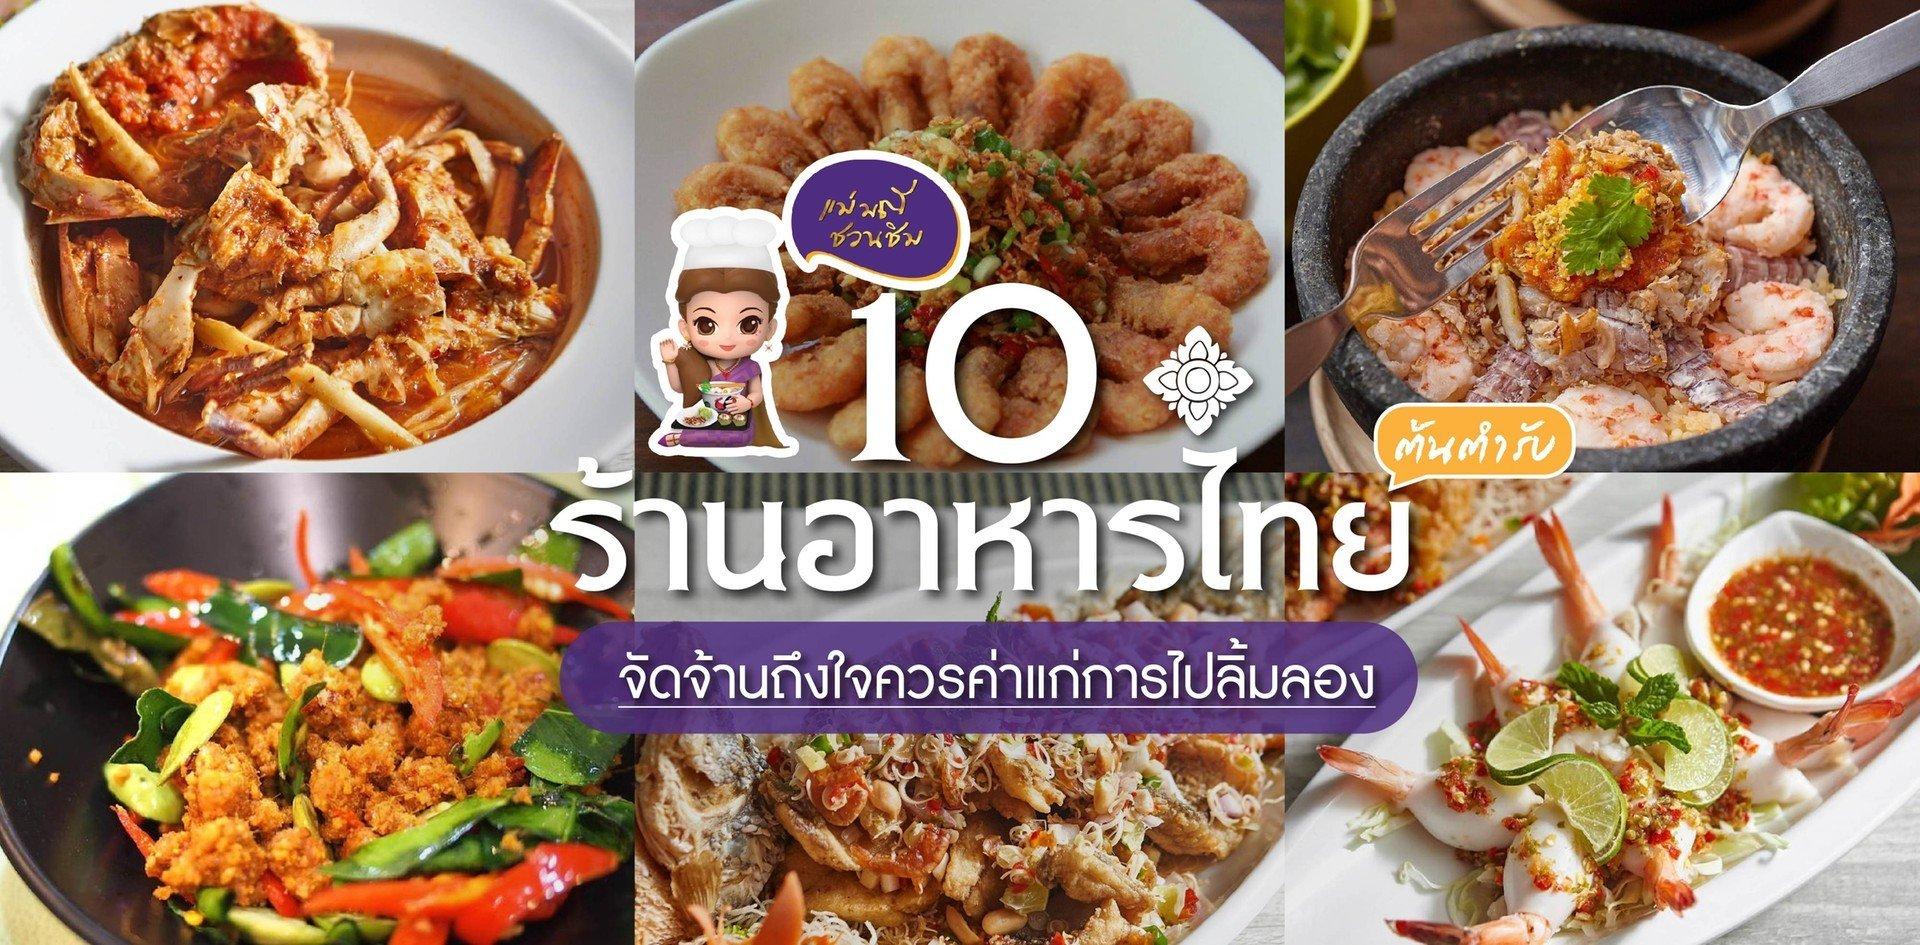 10 ร้านอาหารไทยต้นตำรับ จัดจ้านถึงใจควรค่าแก่การไปลิ้มลอง!